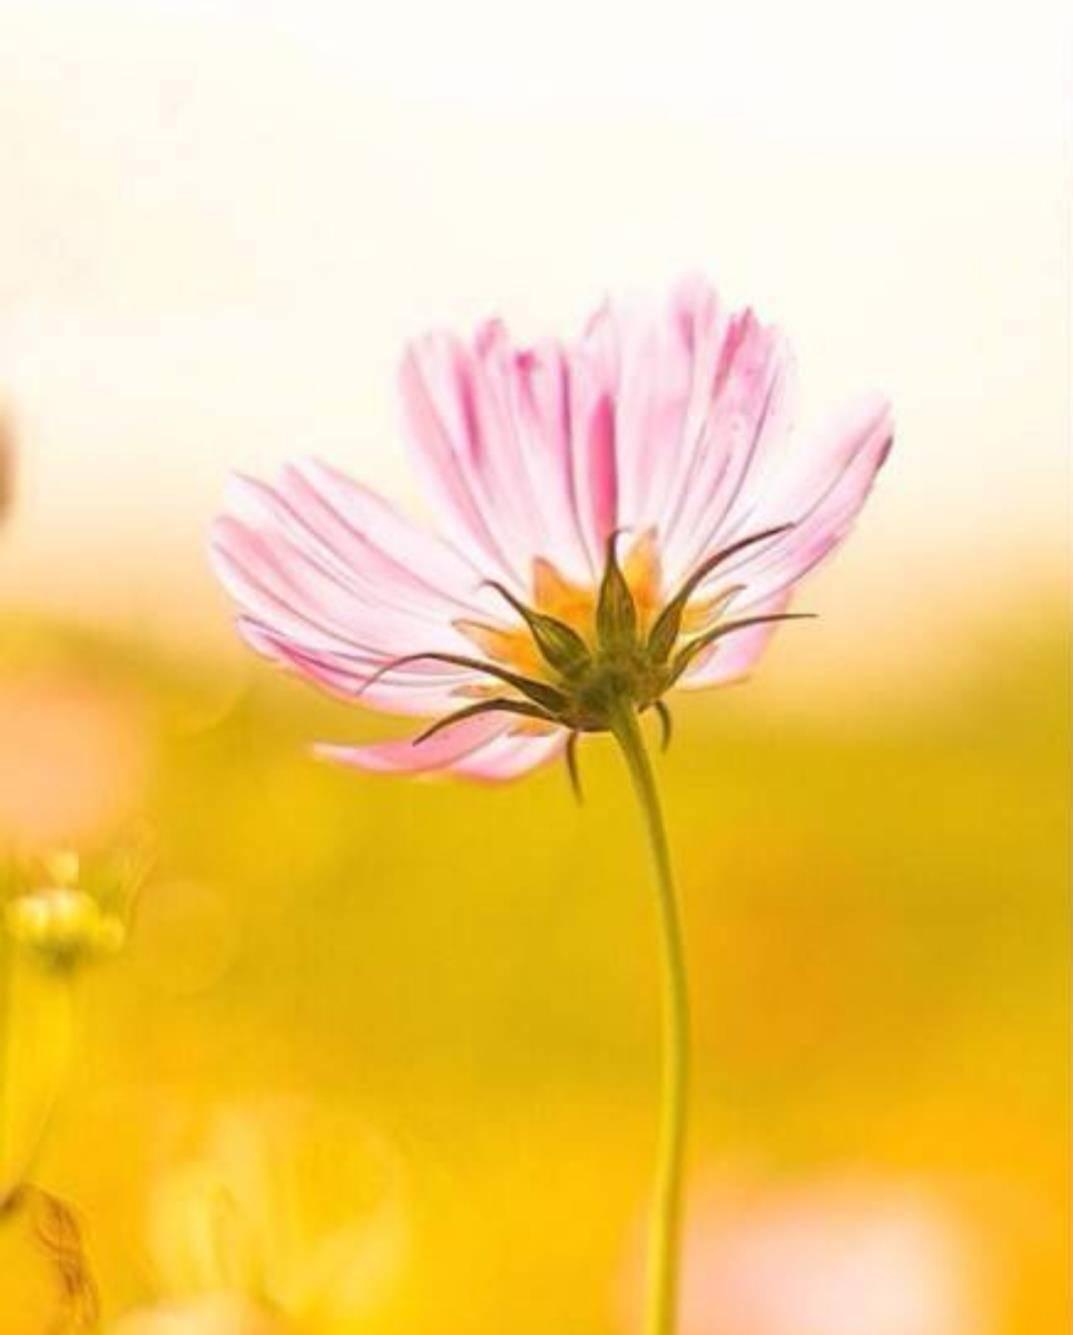 梦见一朵花,正在向上长着? 梦见家里鲜花正在开放